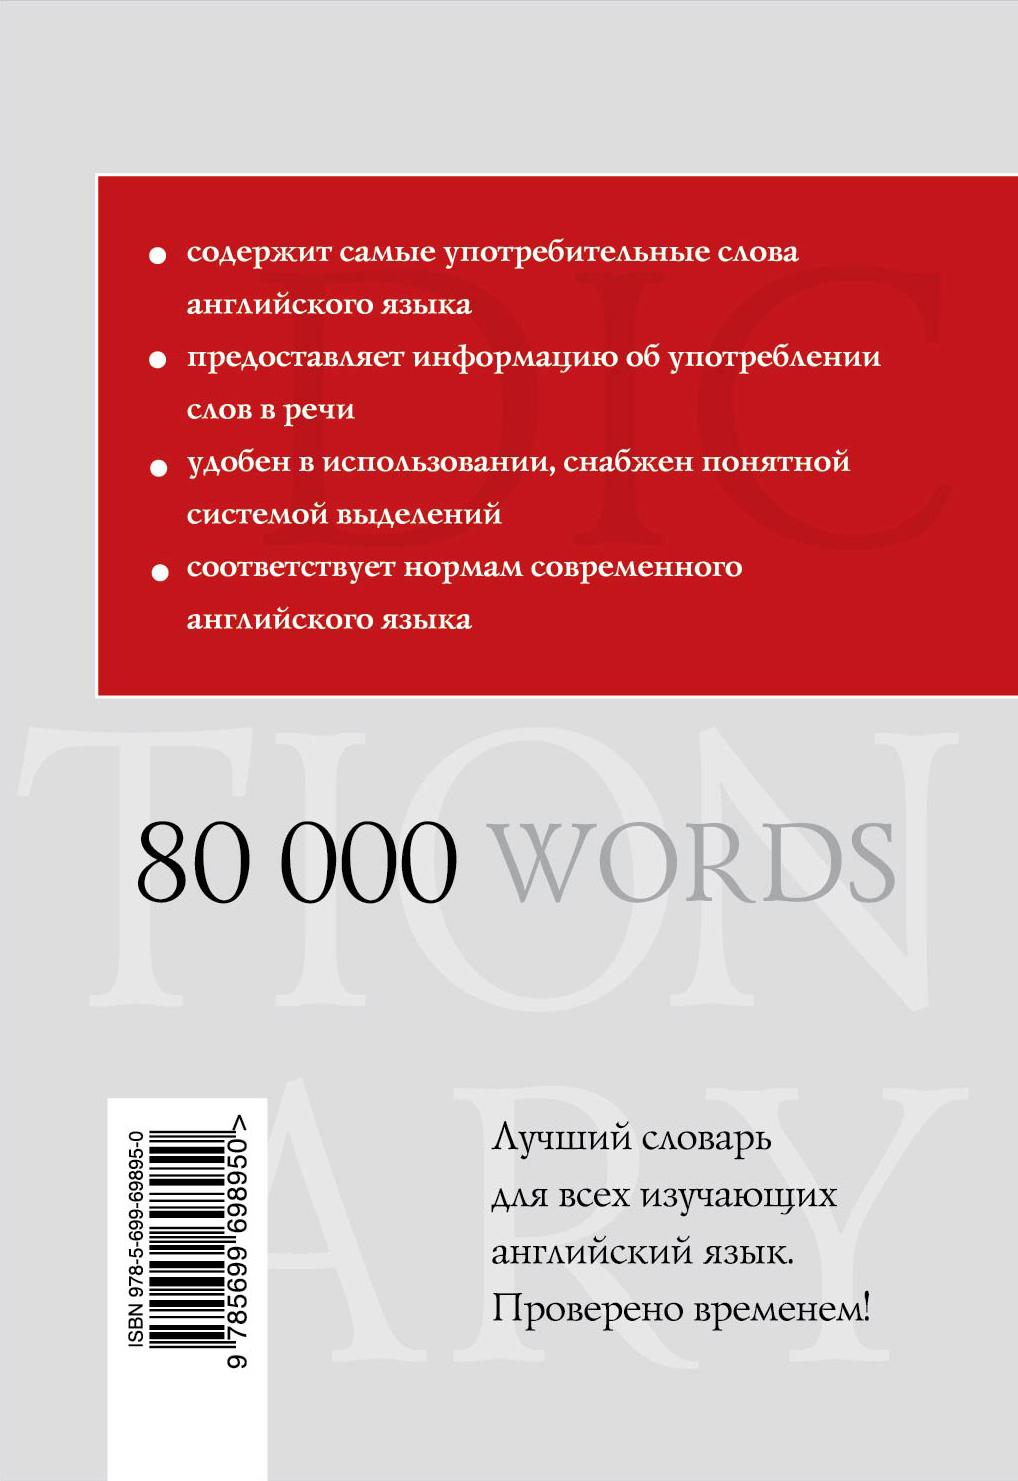 Базовый англо-русский словарь / English-Russian Essential Dictionary